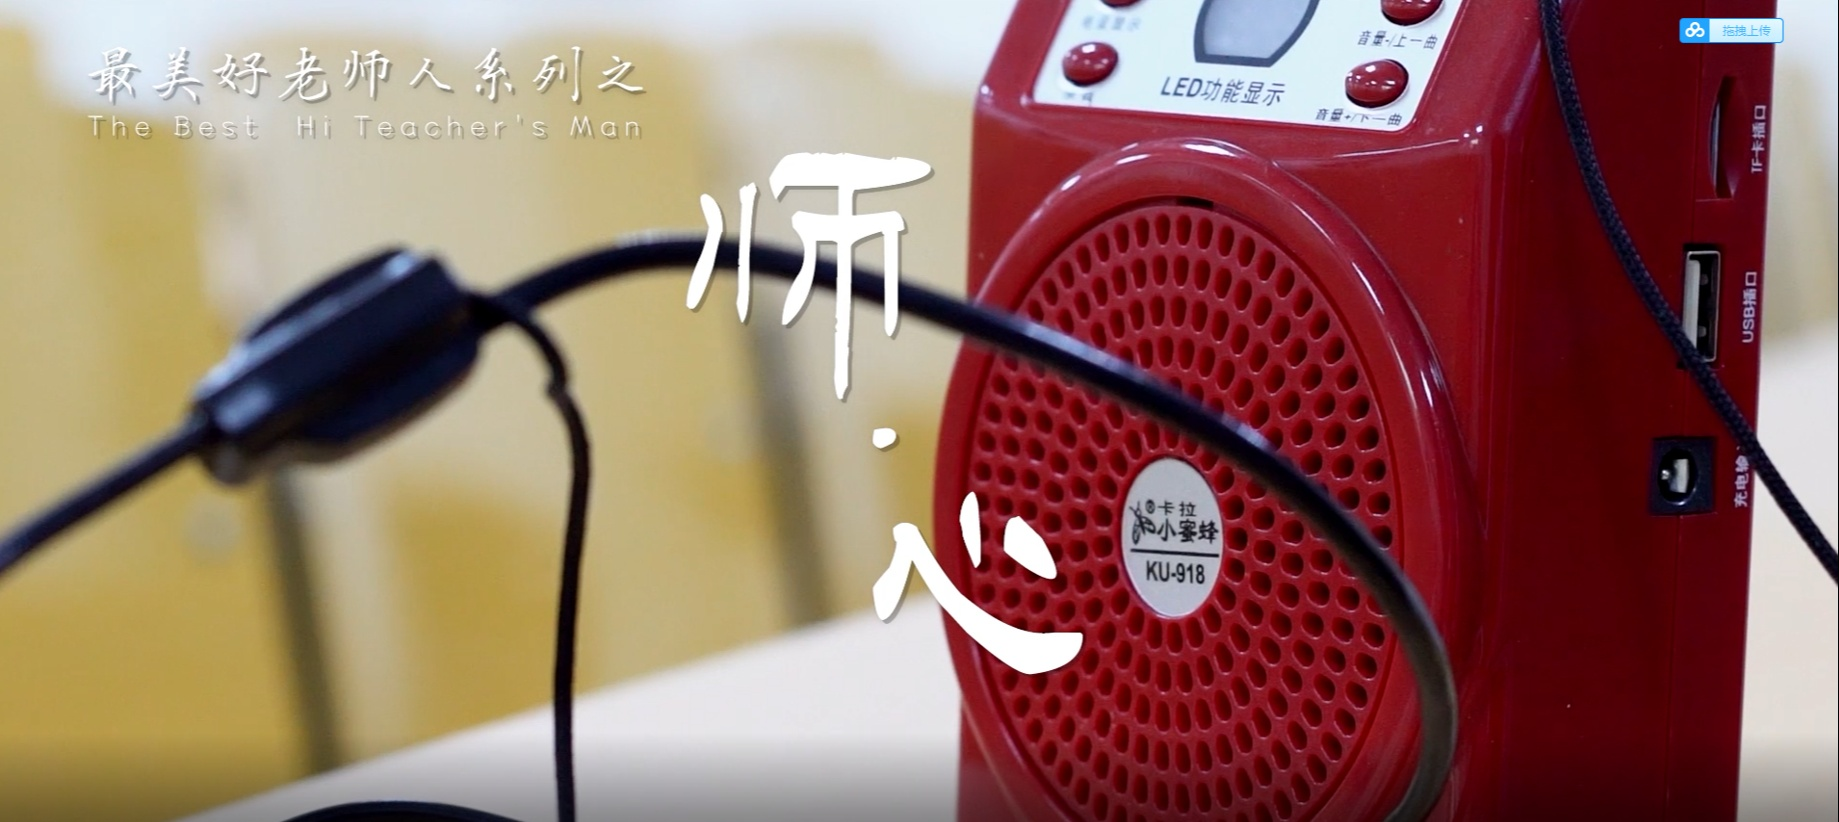 最美好老师人系列:好老师教育纪录片《师·心》— 耐耕耘,静花开